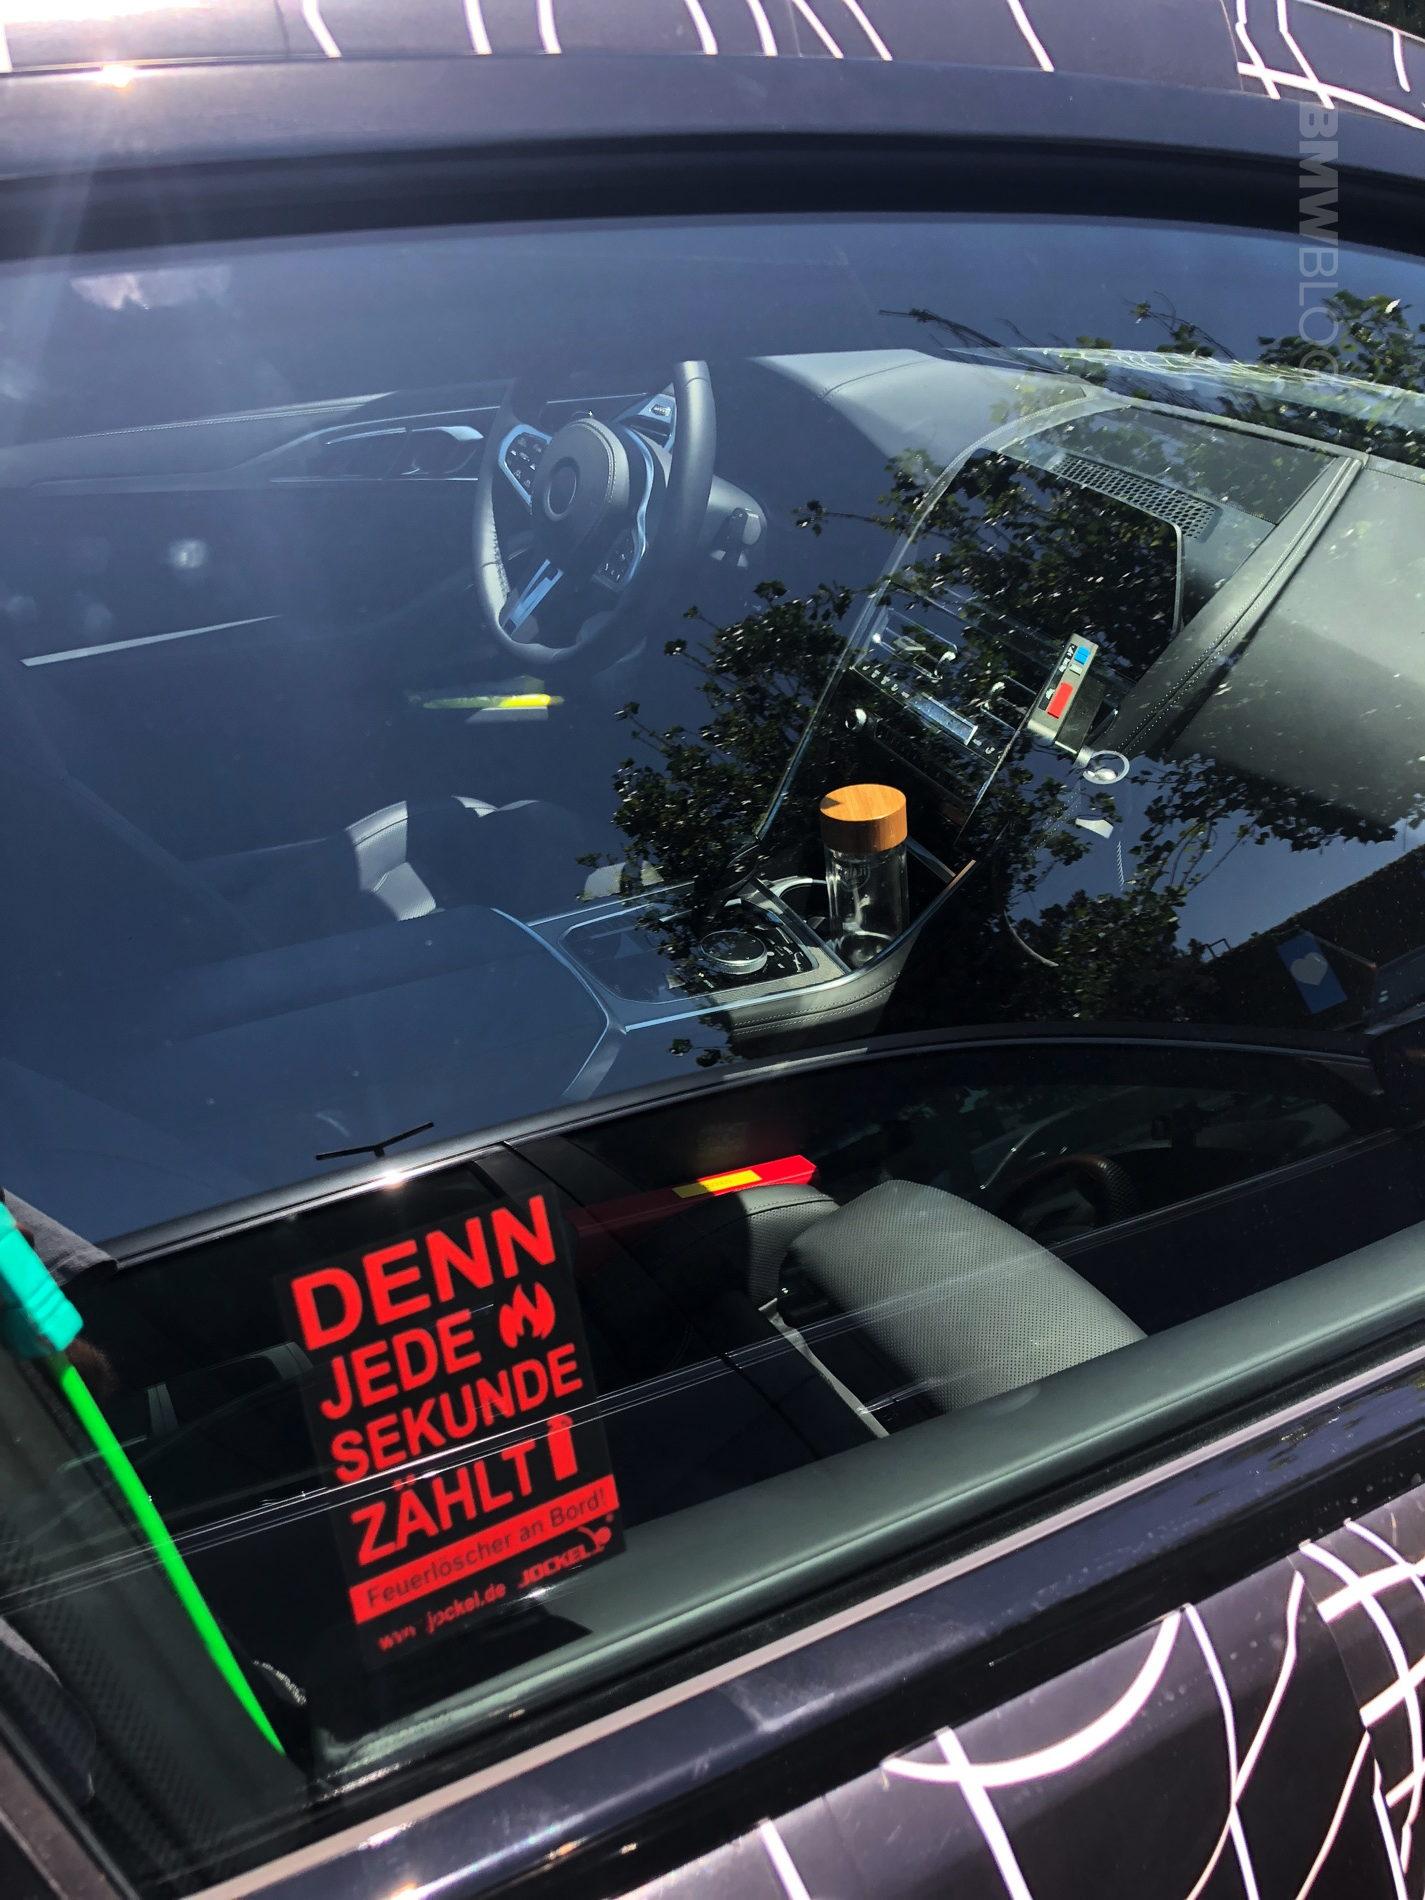 BMW-M8-Coupe-spy-photos-05-e1531169251882